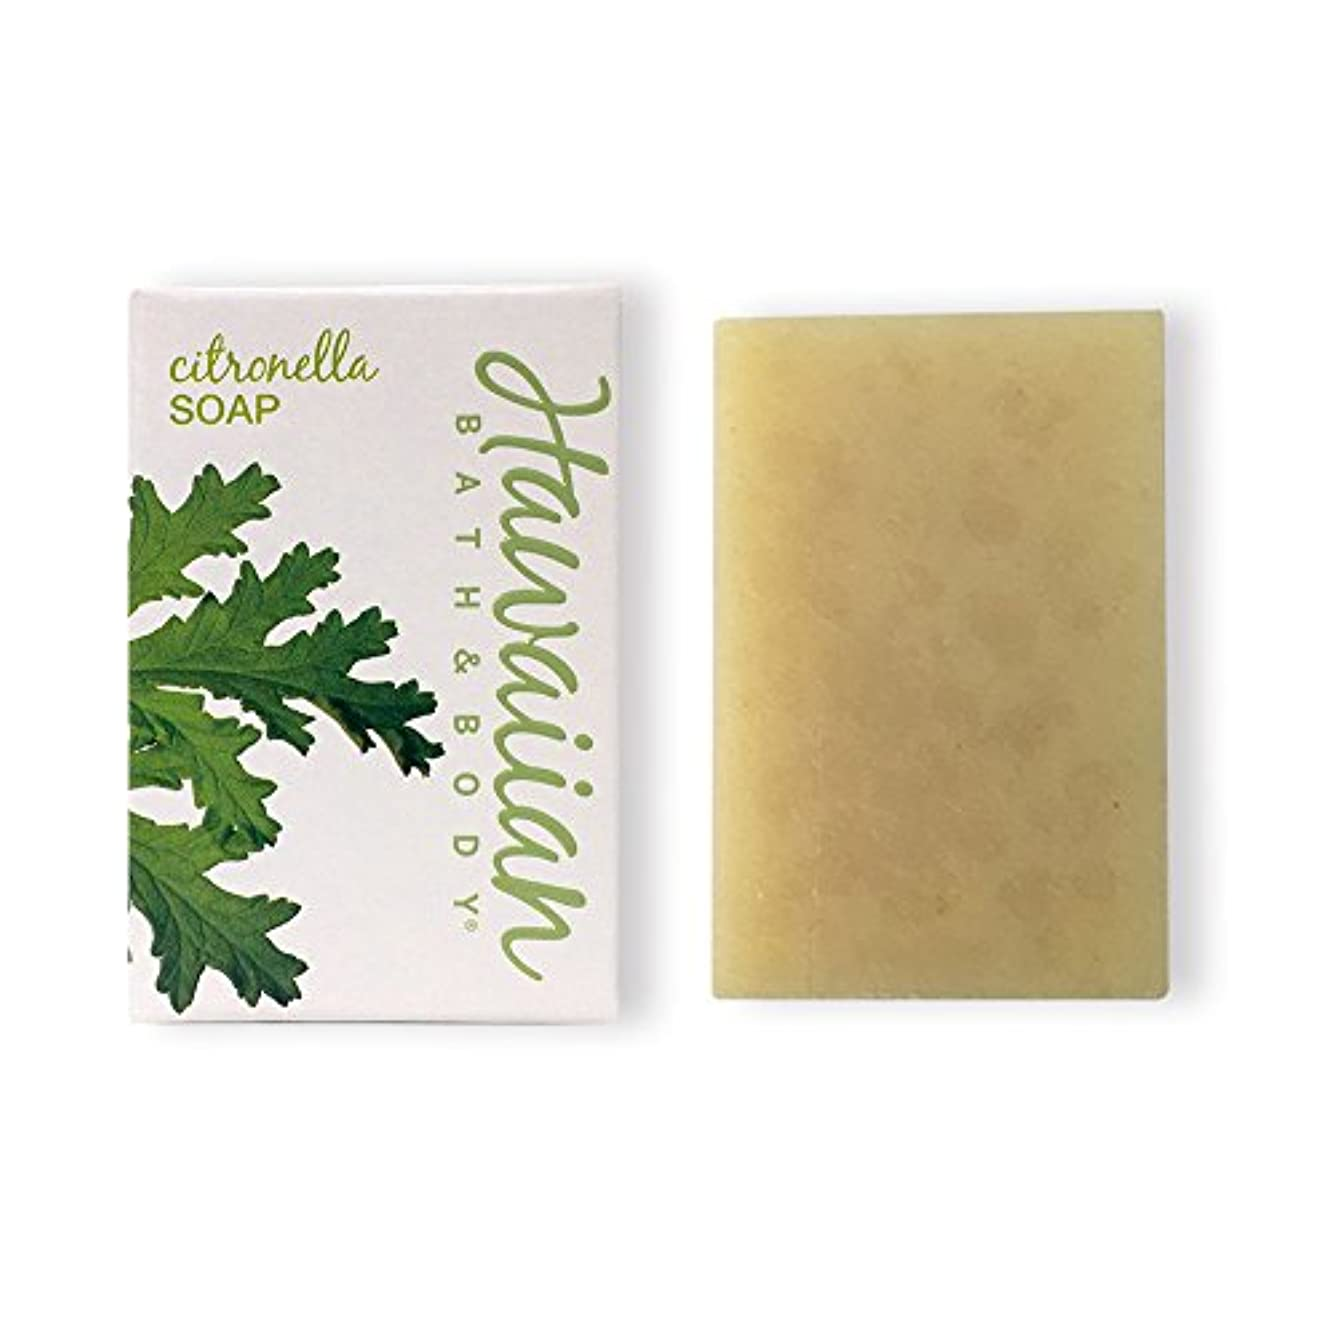 かけがえのない年次ボーナスハワイアンバス&ボディ シトロネラソープ(ビーチバー)( Citronella Soap )